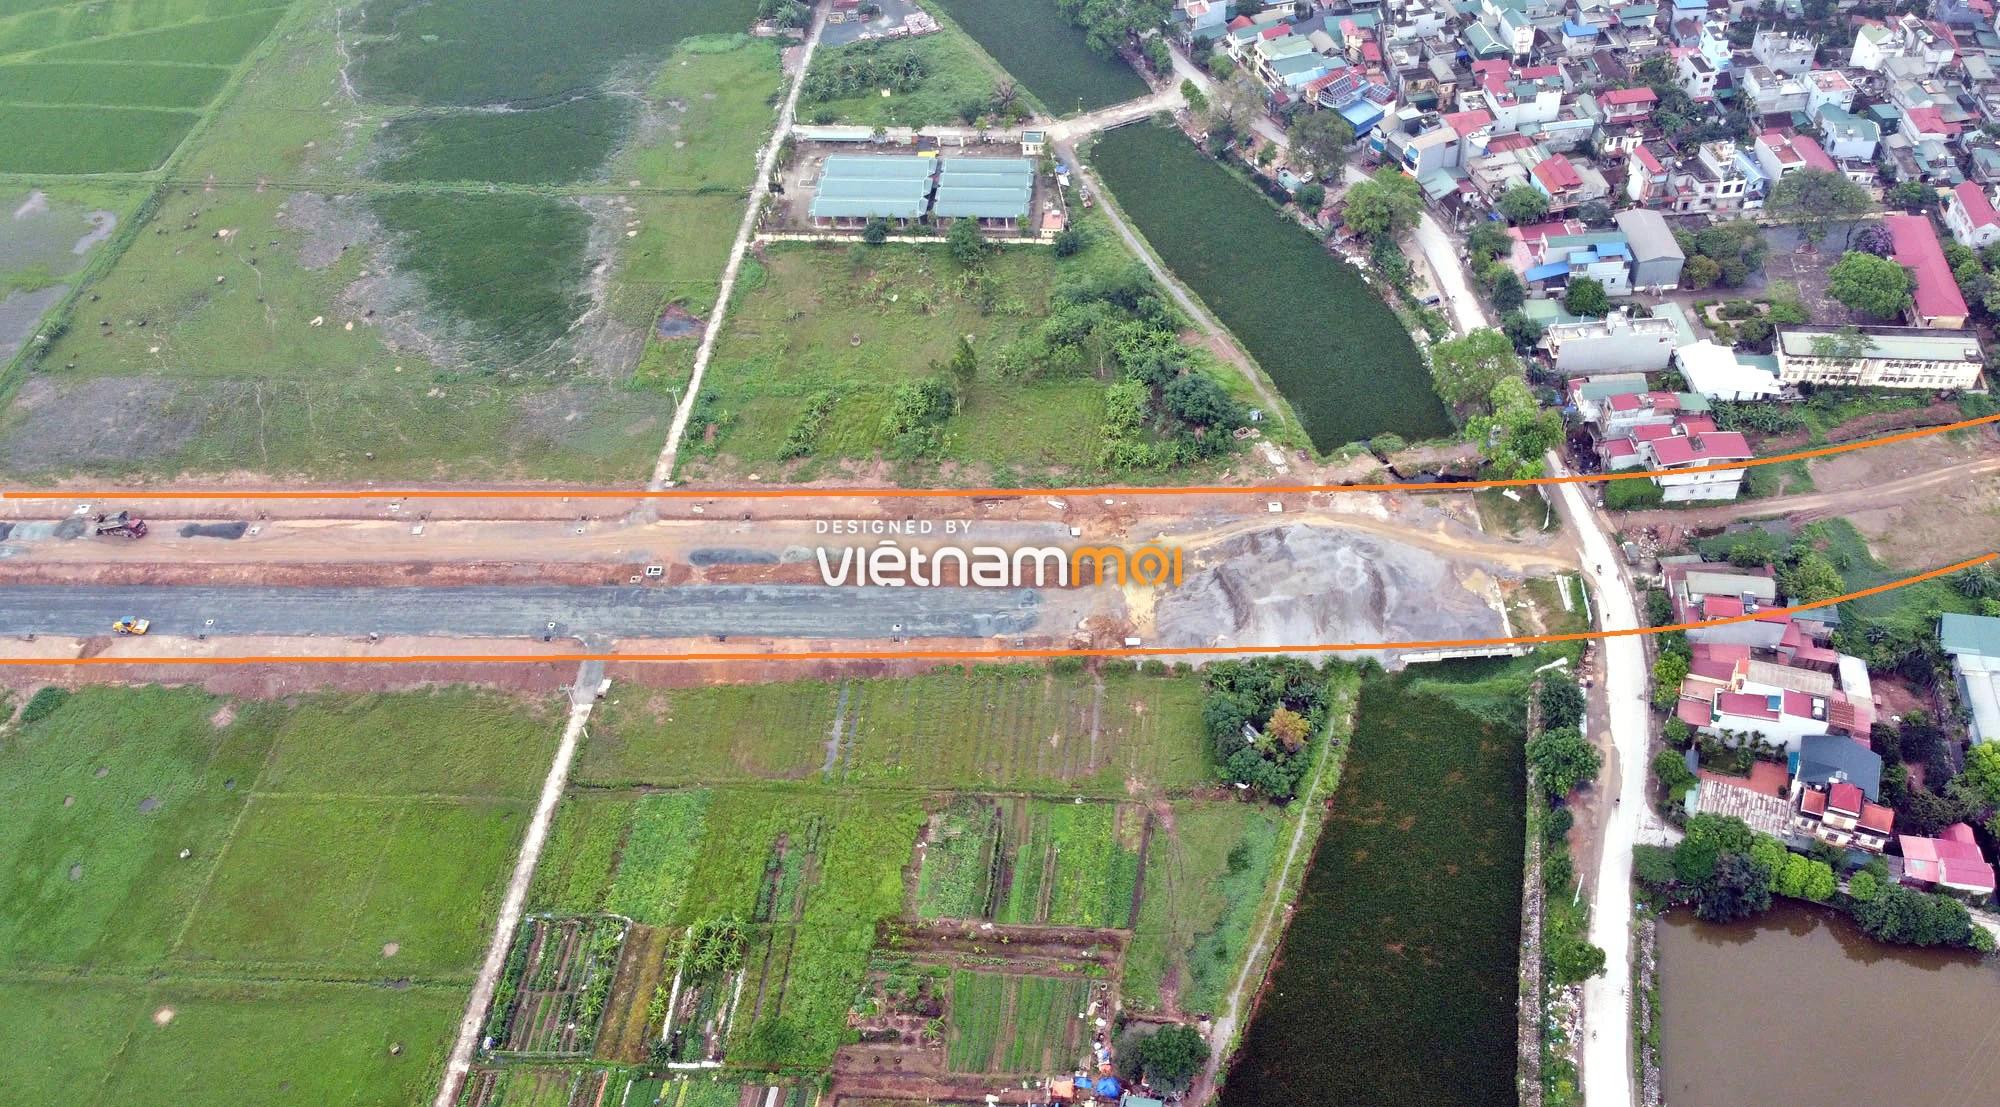 Toàn cảnh đường trục chính Bắc - Nam KĐT Quốc Oai kéo dài đang mở theo quy hoạch ở Hà Nội - Ảnh 16.